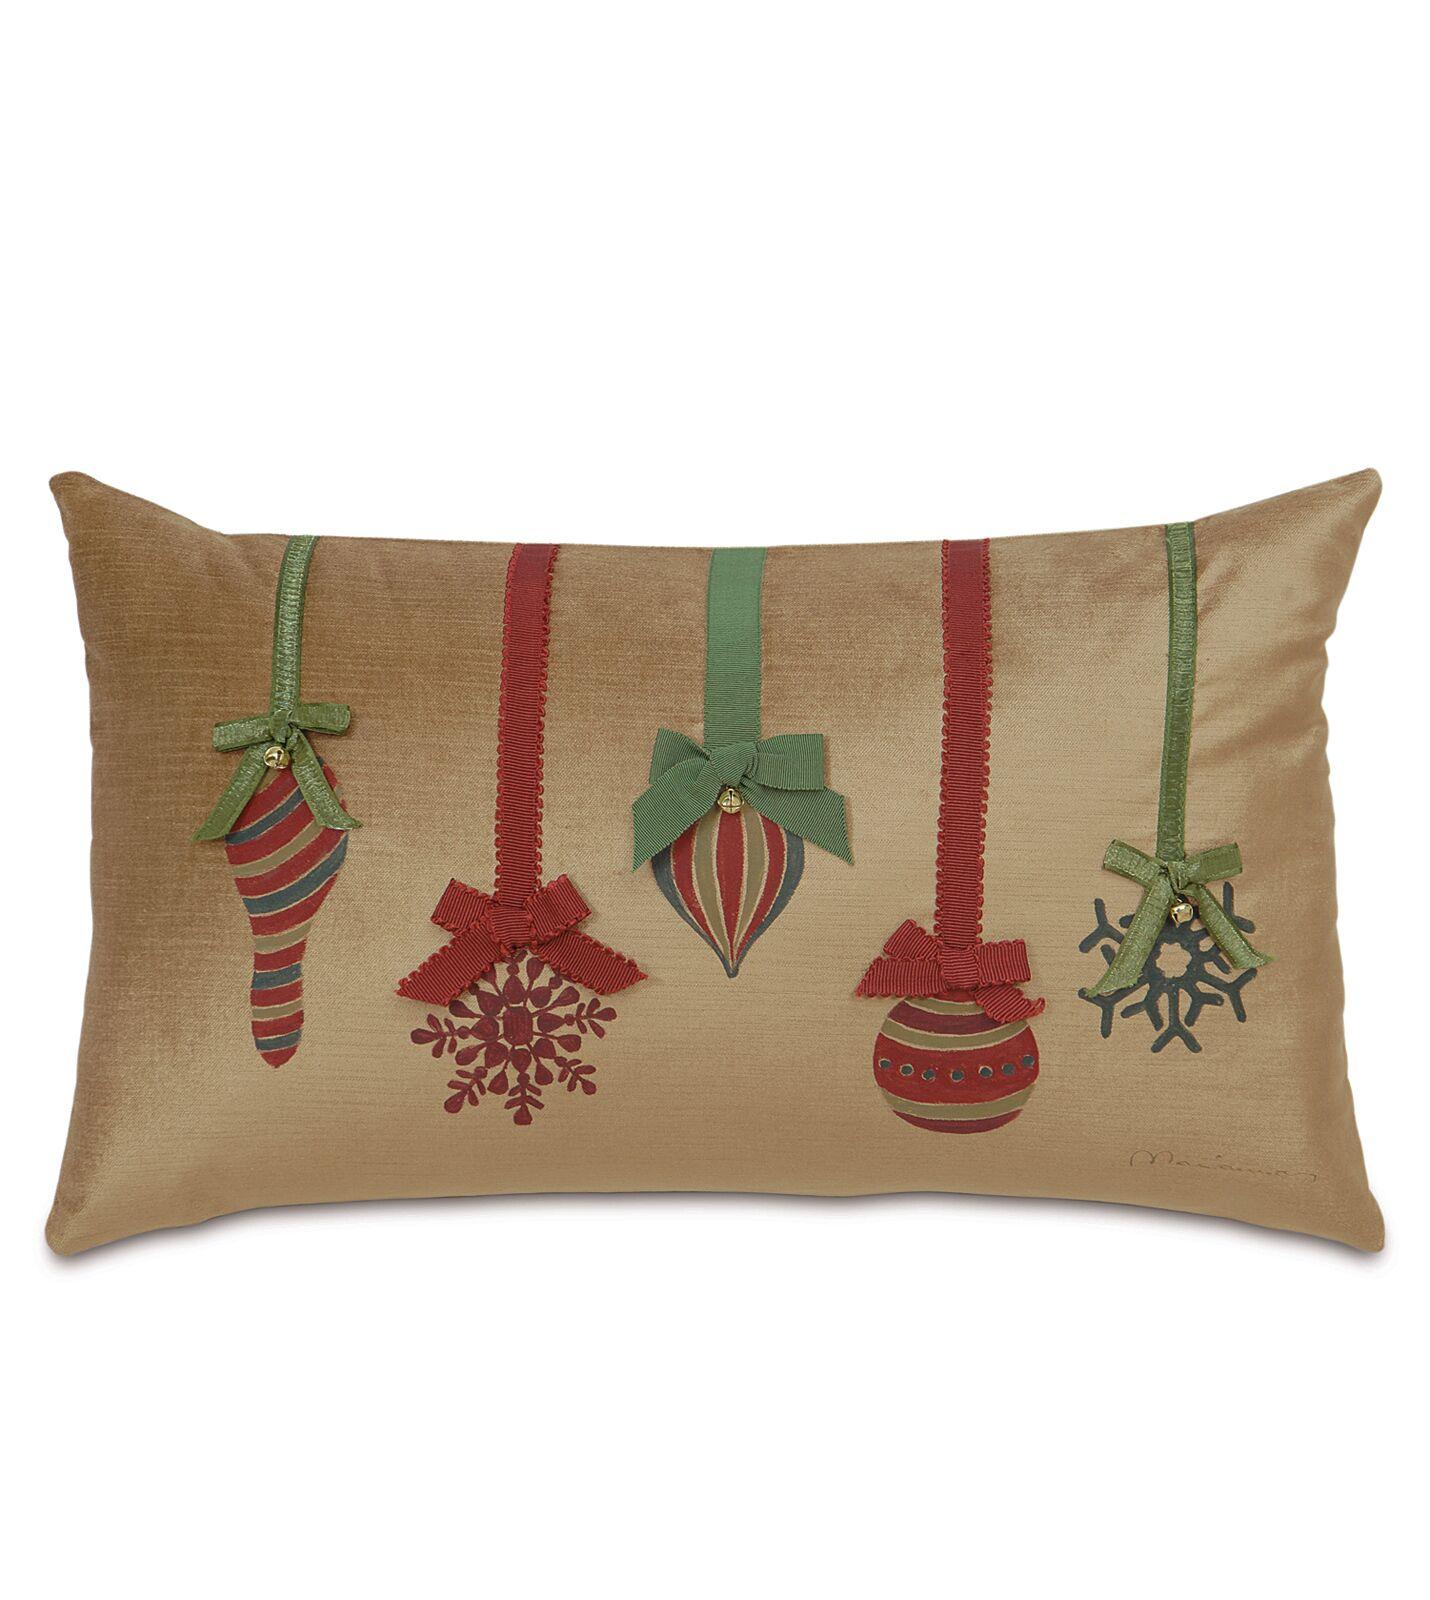 Deck The Halls Festive Ornaments Lumbar Pillow